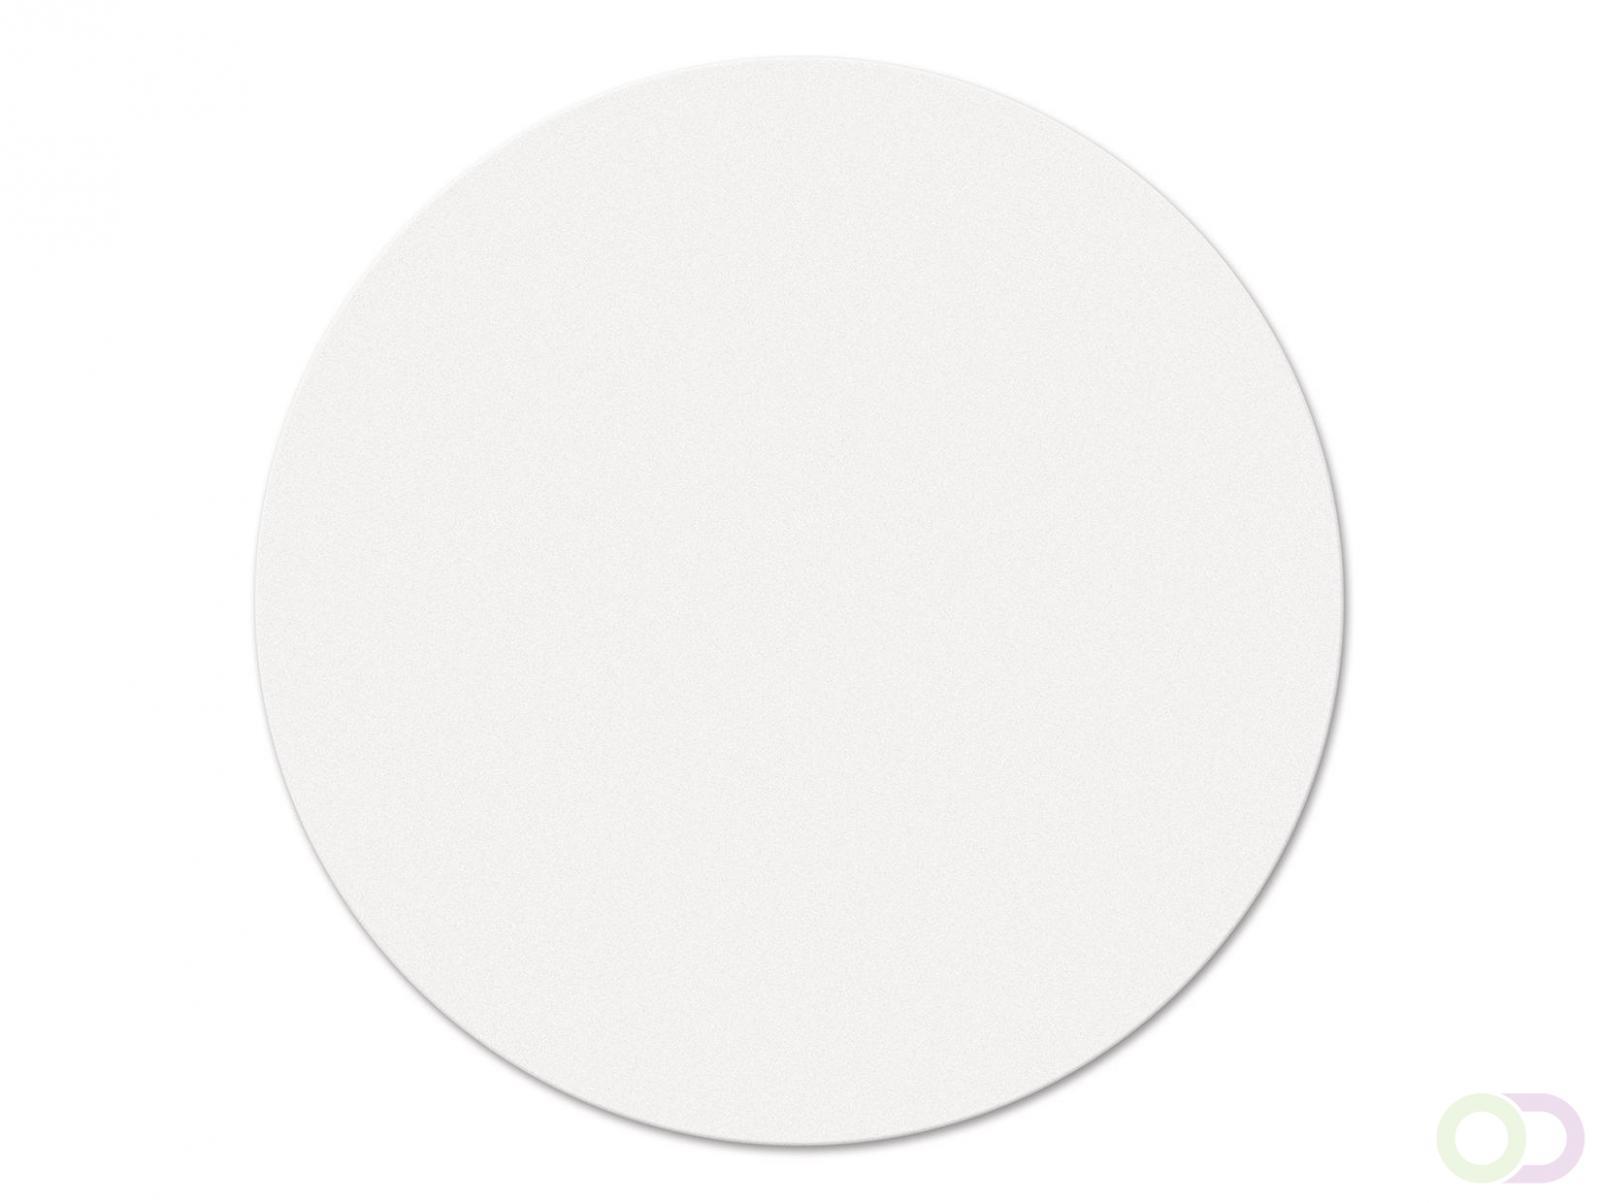 Ronde kaarten 19 cm, 250 stuks wit